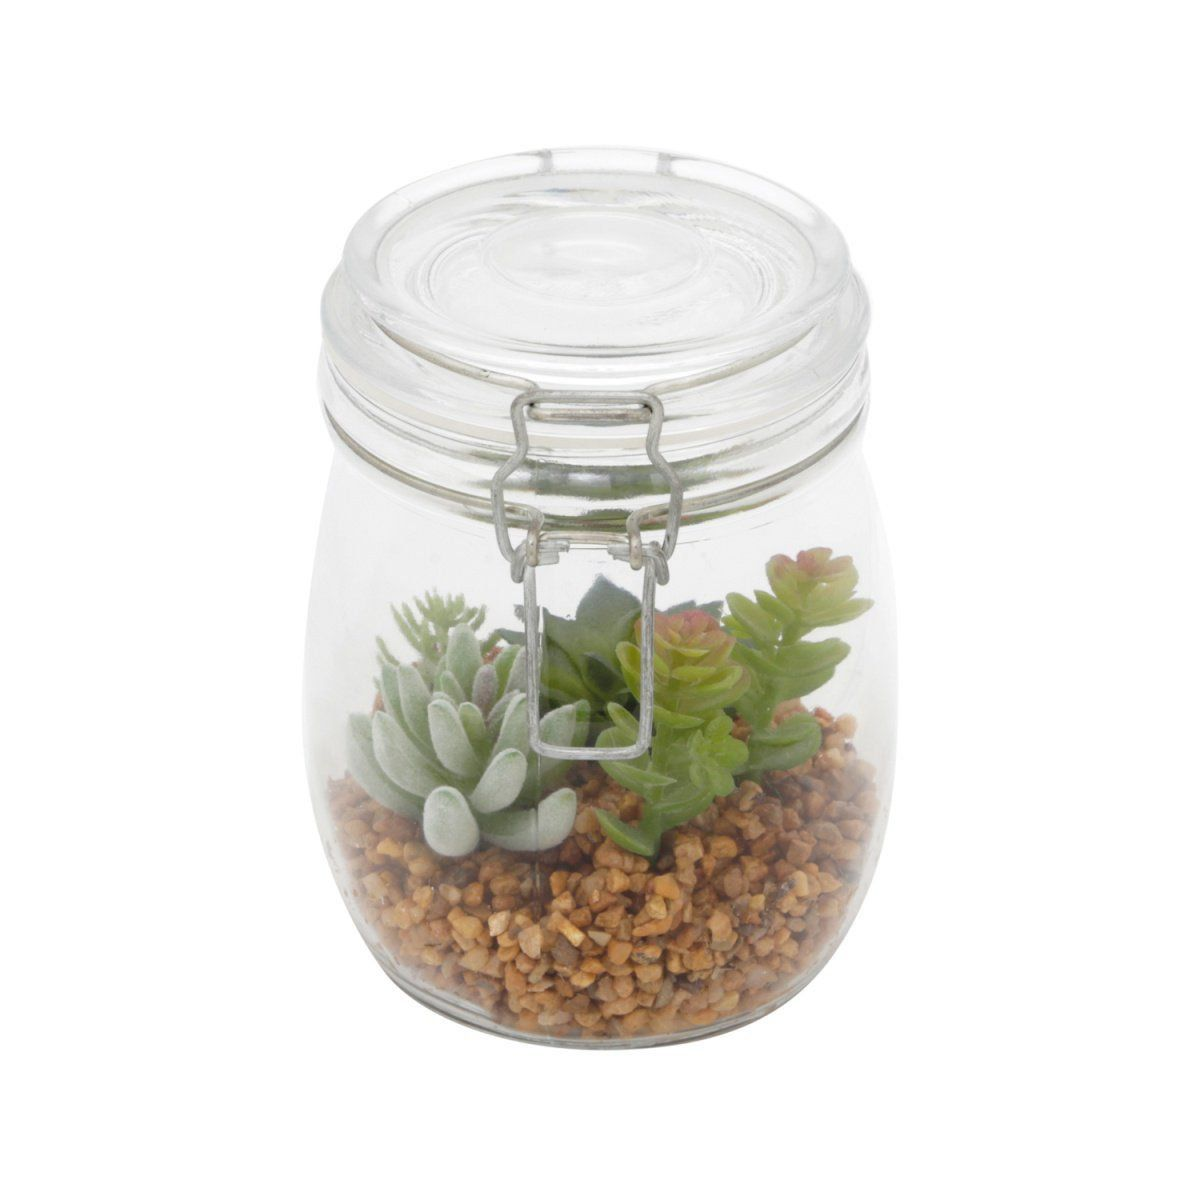 Vaso de Vidro Fechado com Suculentas Artificiais Verdes 14,3cm x 10cm - 40917